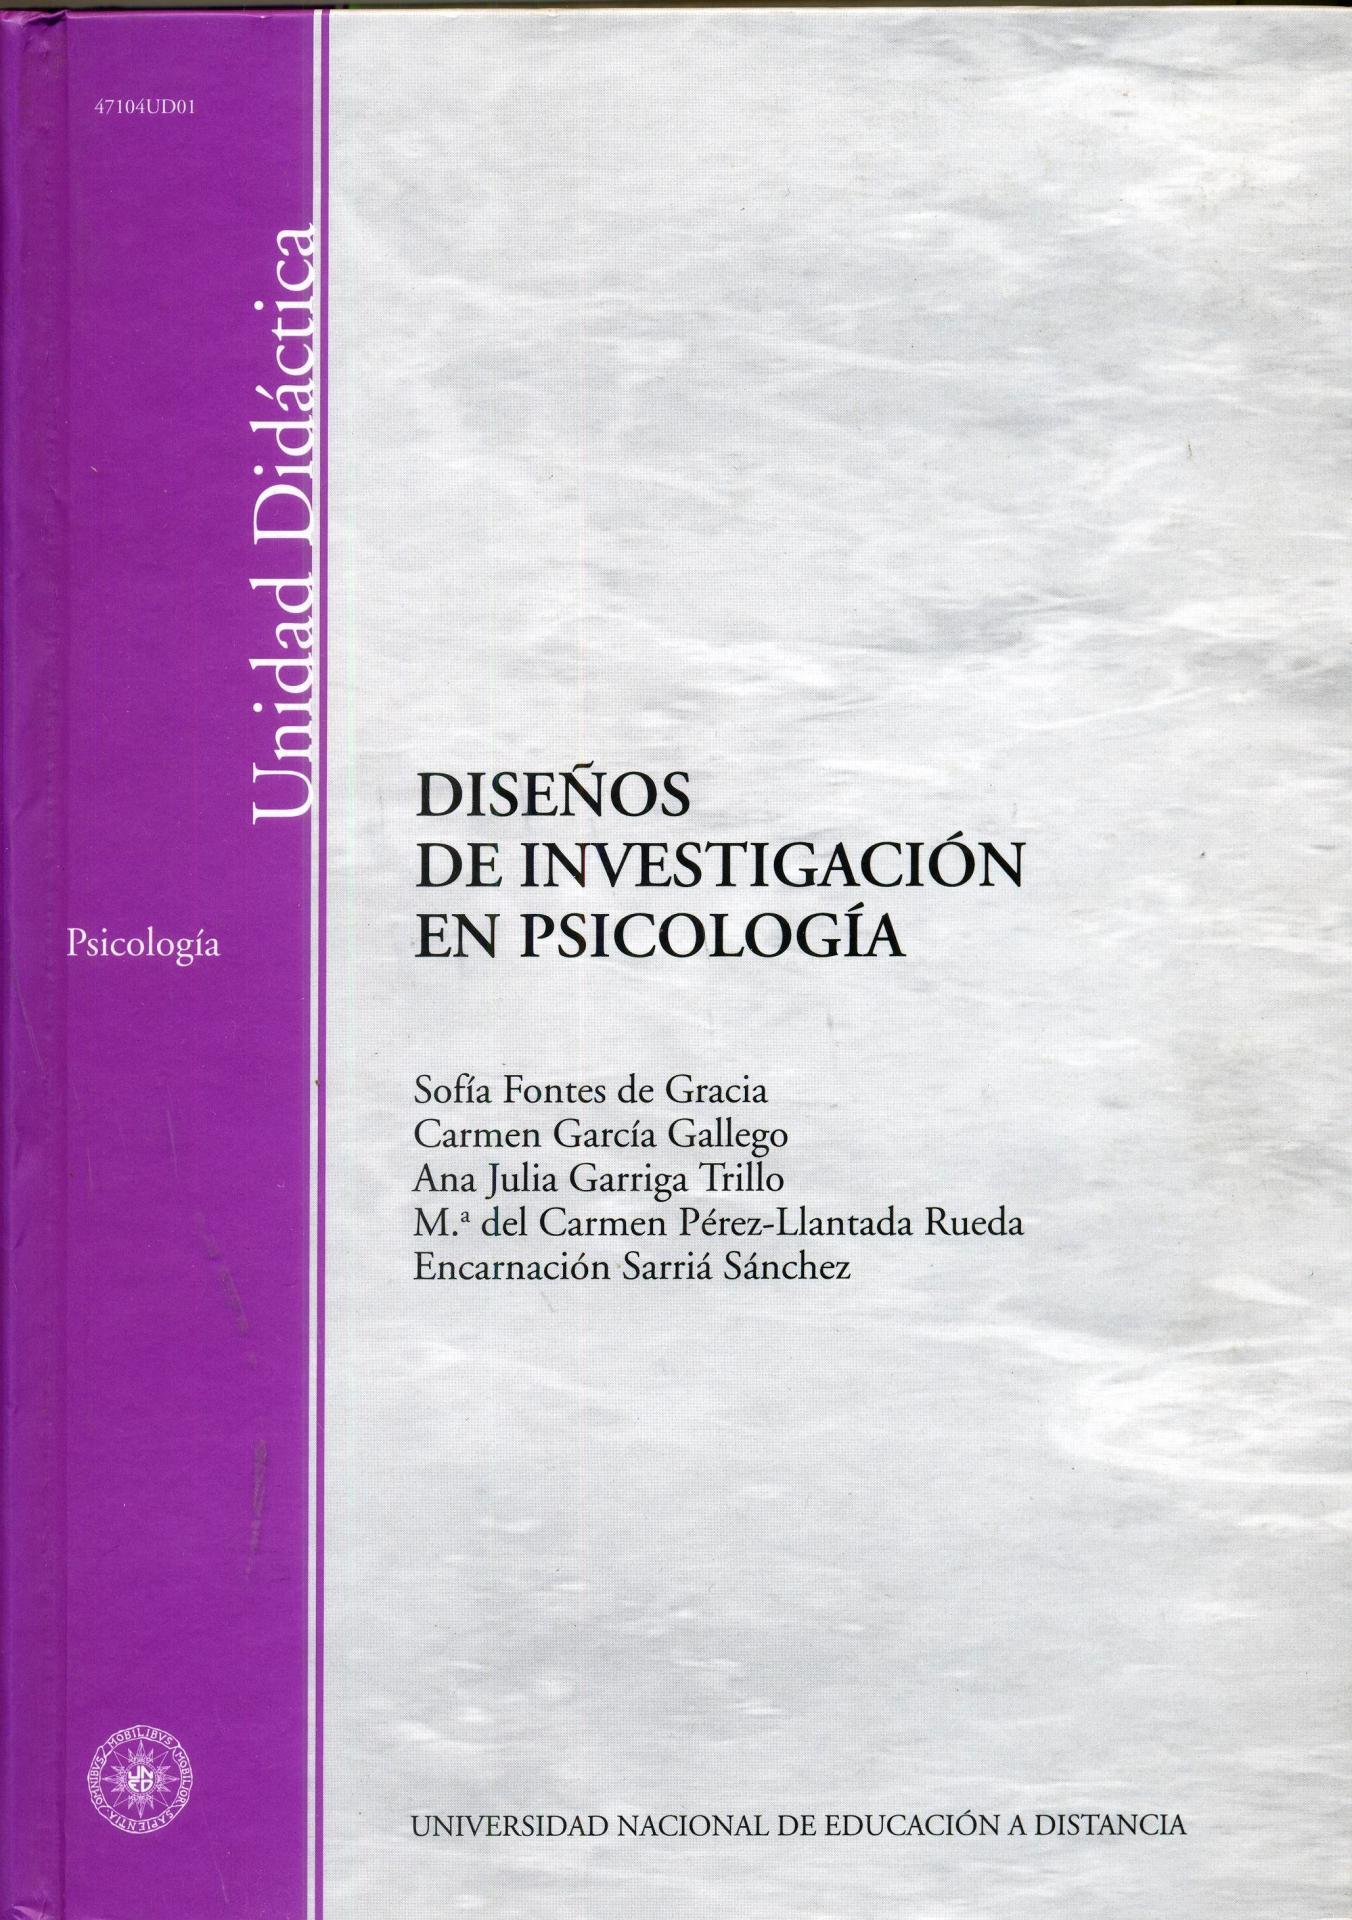 DISEÑOS DE INVESTIGACIÓN EN PSICOLOGÍA.  Fontes de Gracias, S.